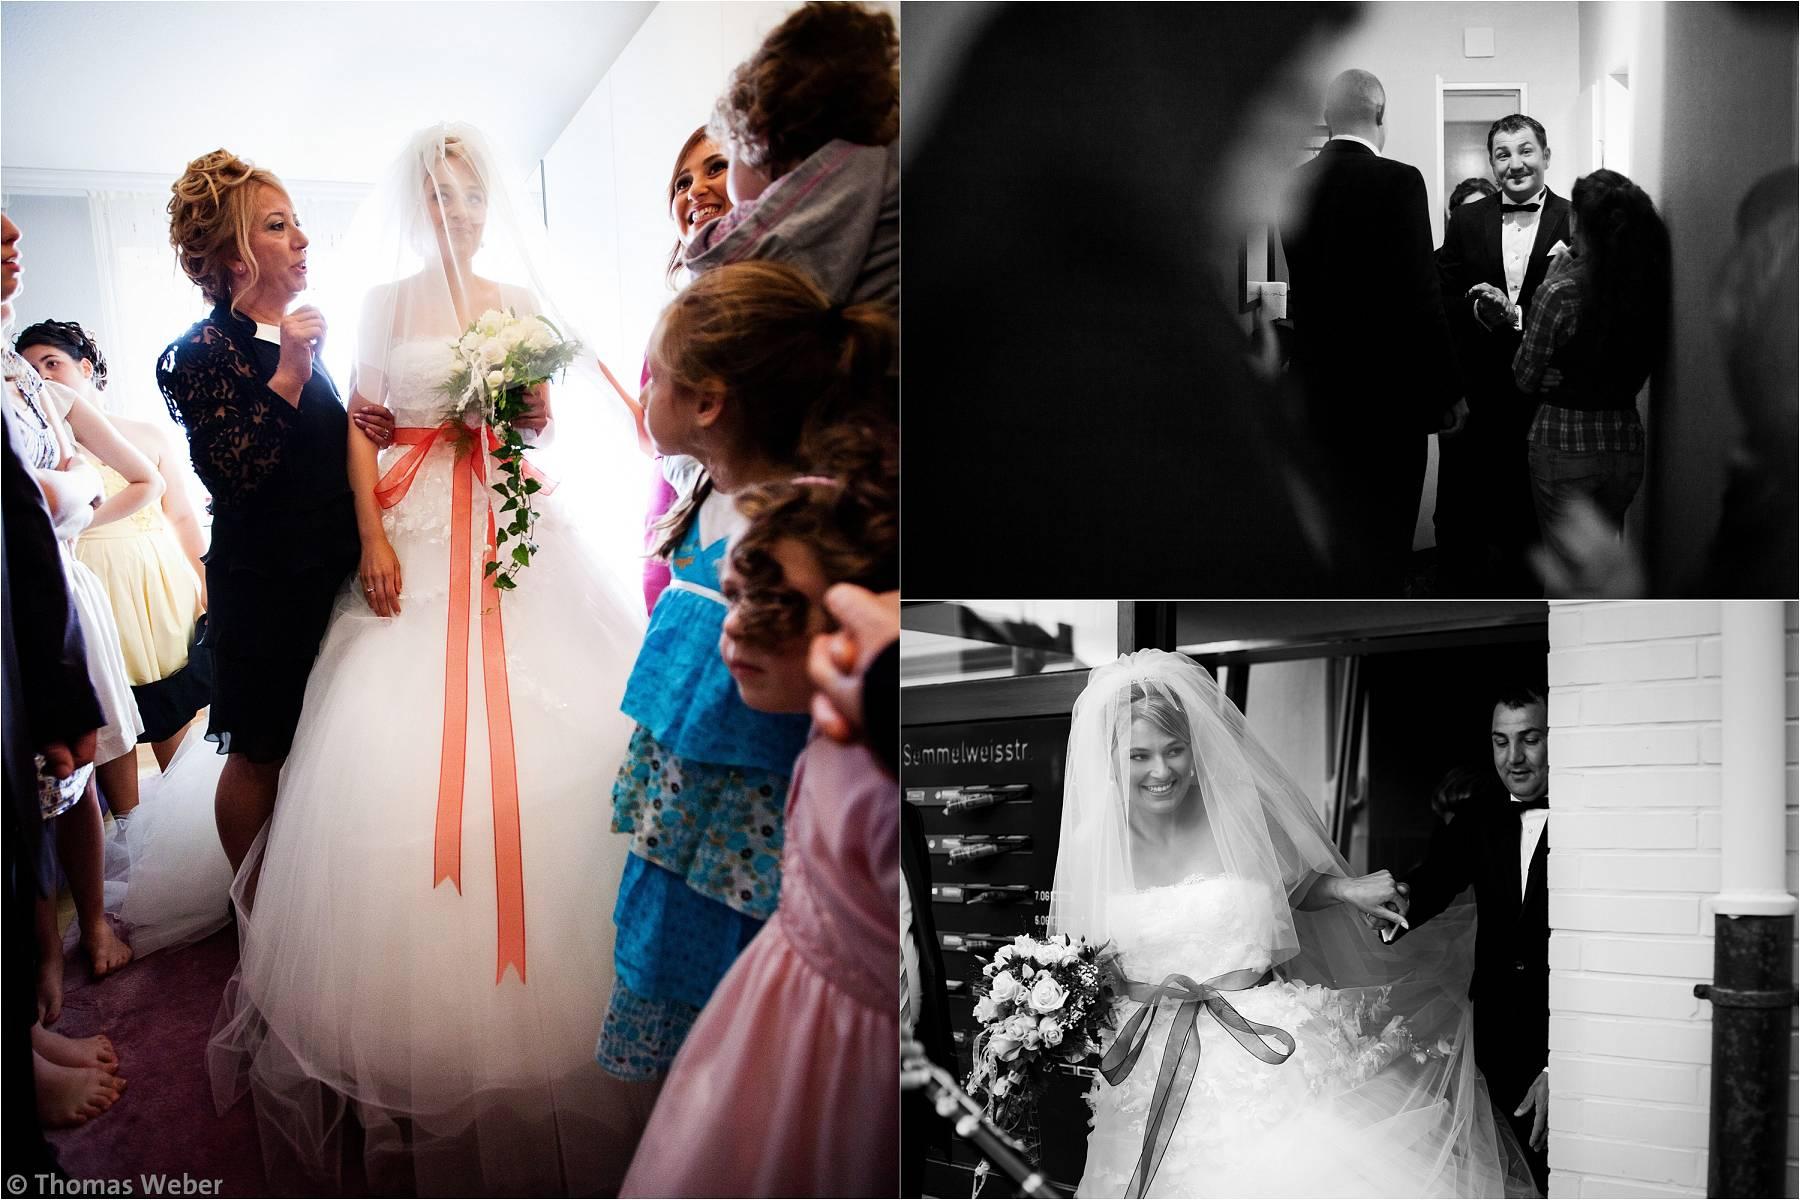 Hochzeitsfotograf Bremen: Türkische Hochzeit auf dem Lür Kropp Hof und Hochzeitsfeier im Maritim Hotel Bremen (12)